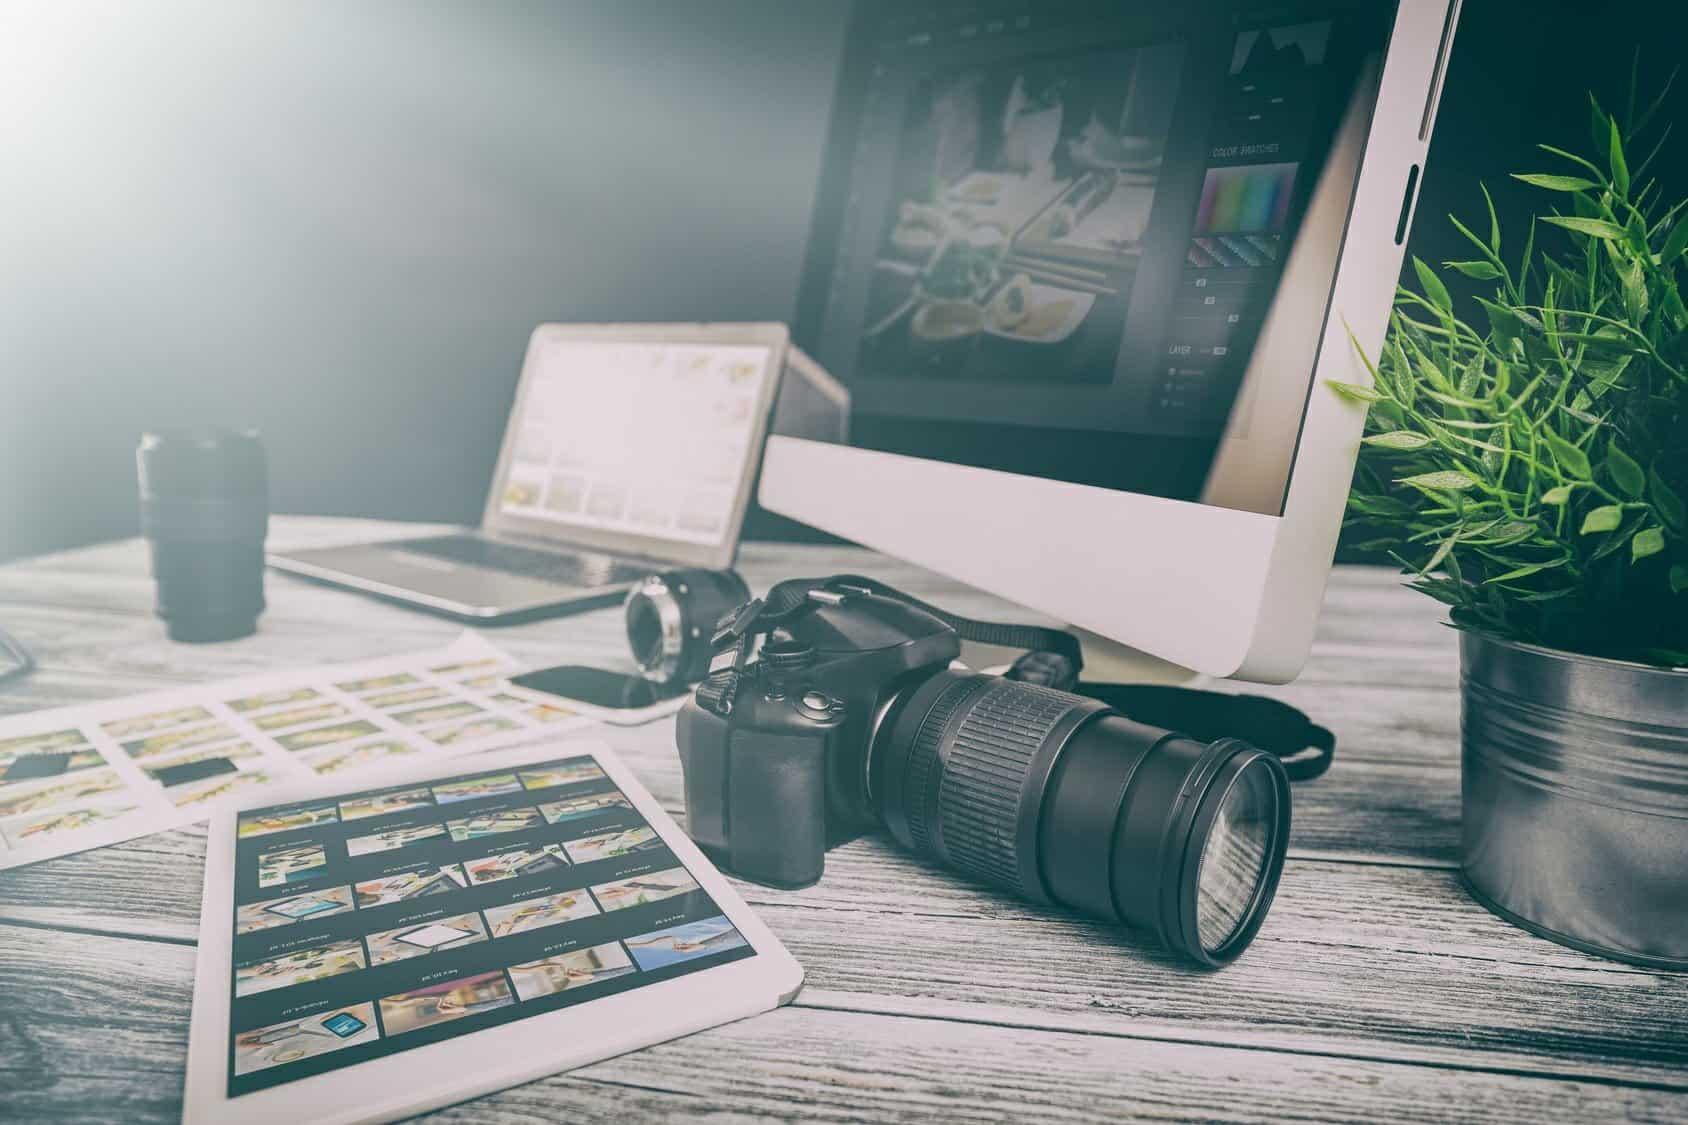 Biurko z komputerem i aparatem fotograficznym